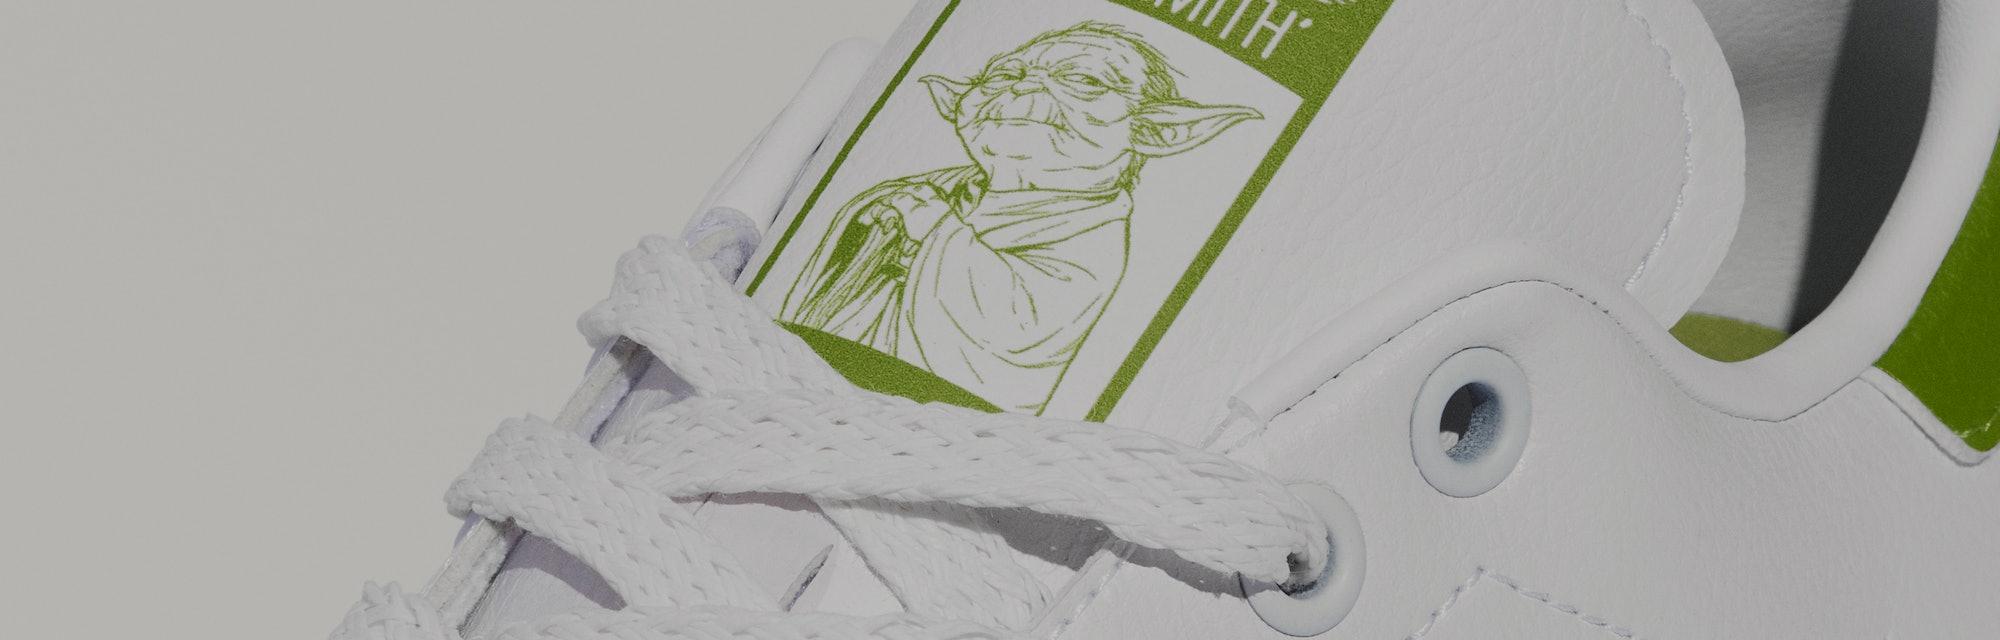 Adidas Stan Smith Yoda